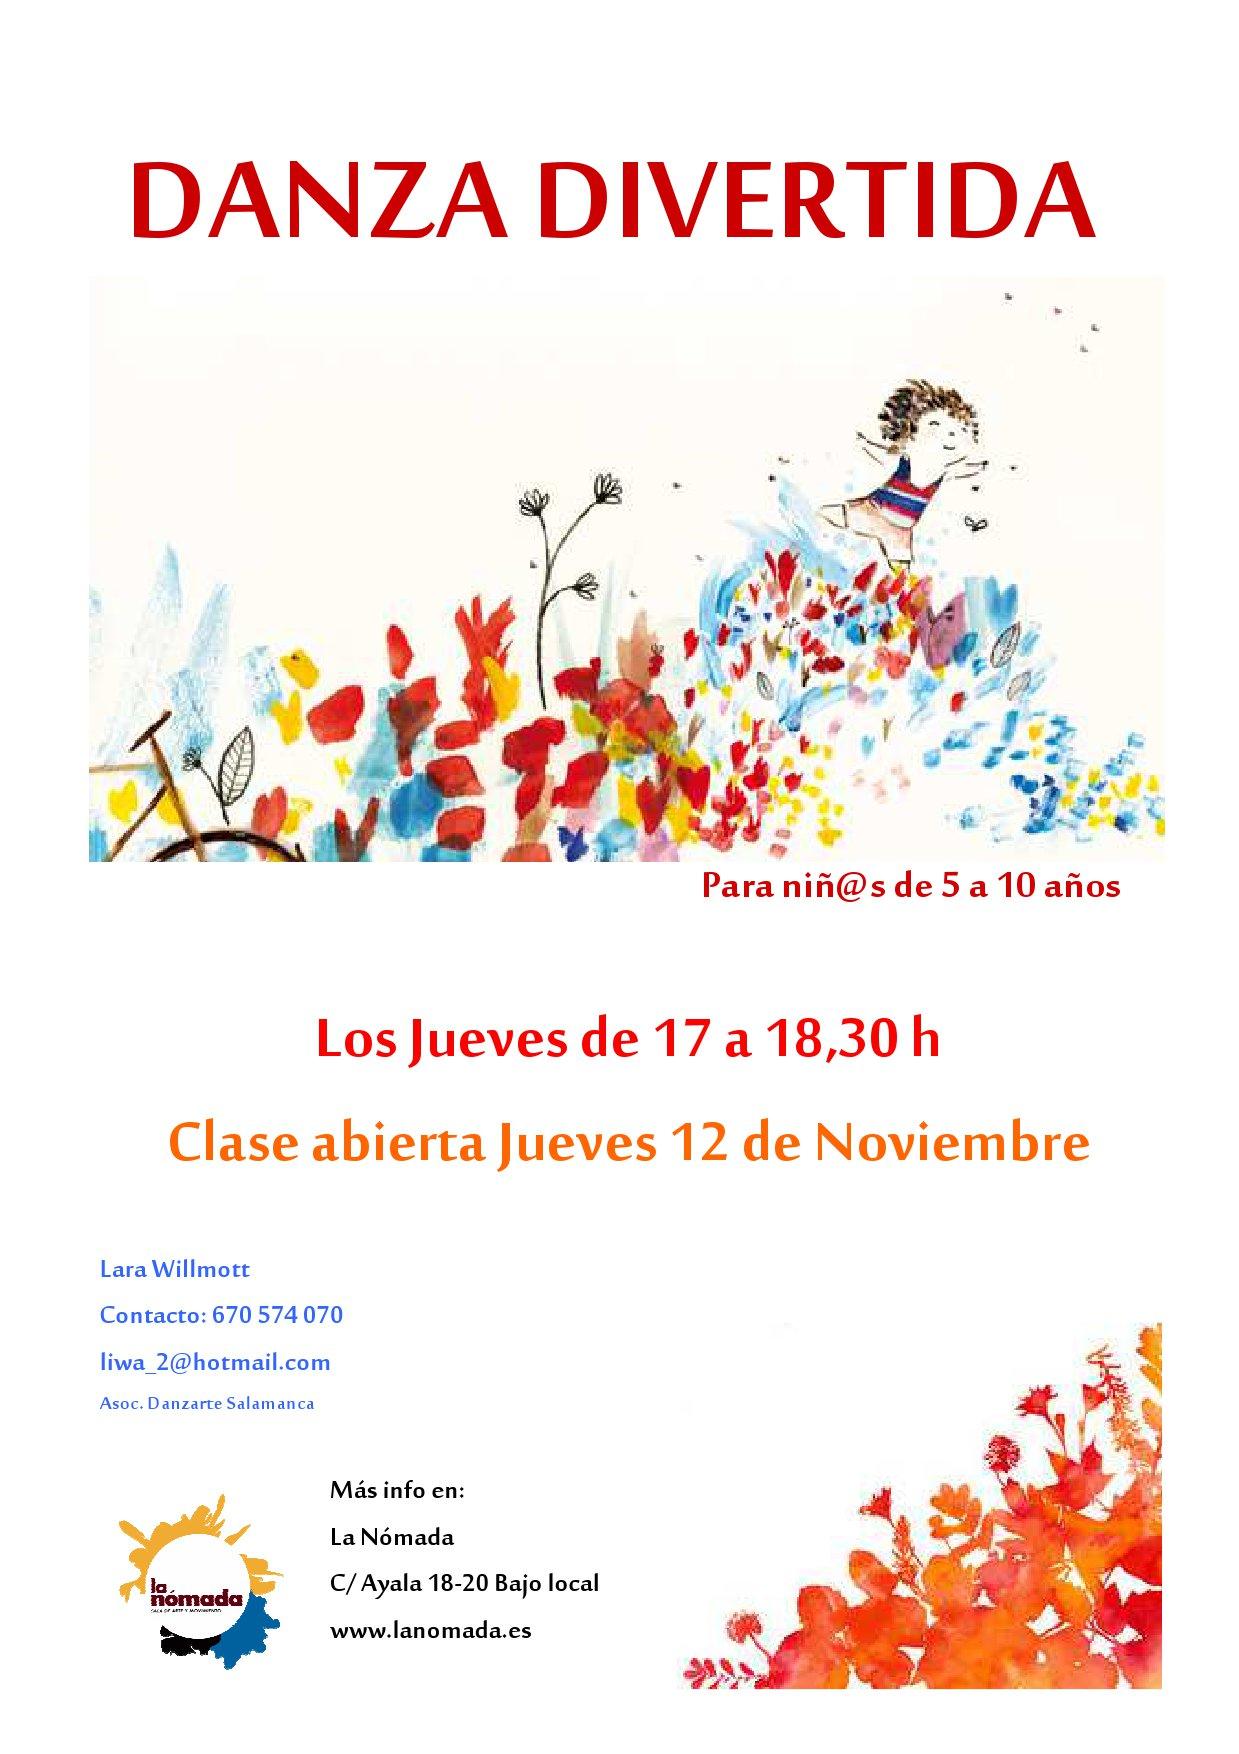 Clase Abierta de Danza Divertida, para niñ@s de 5 a 10 años.